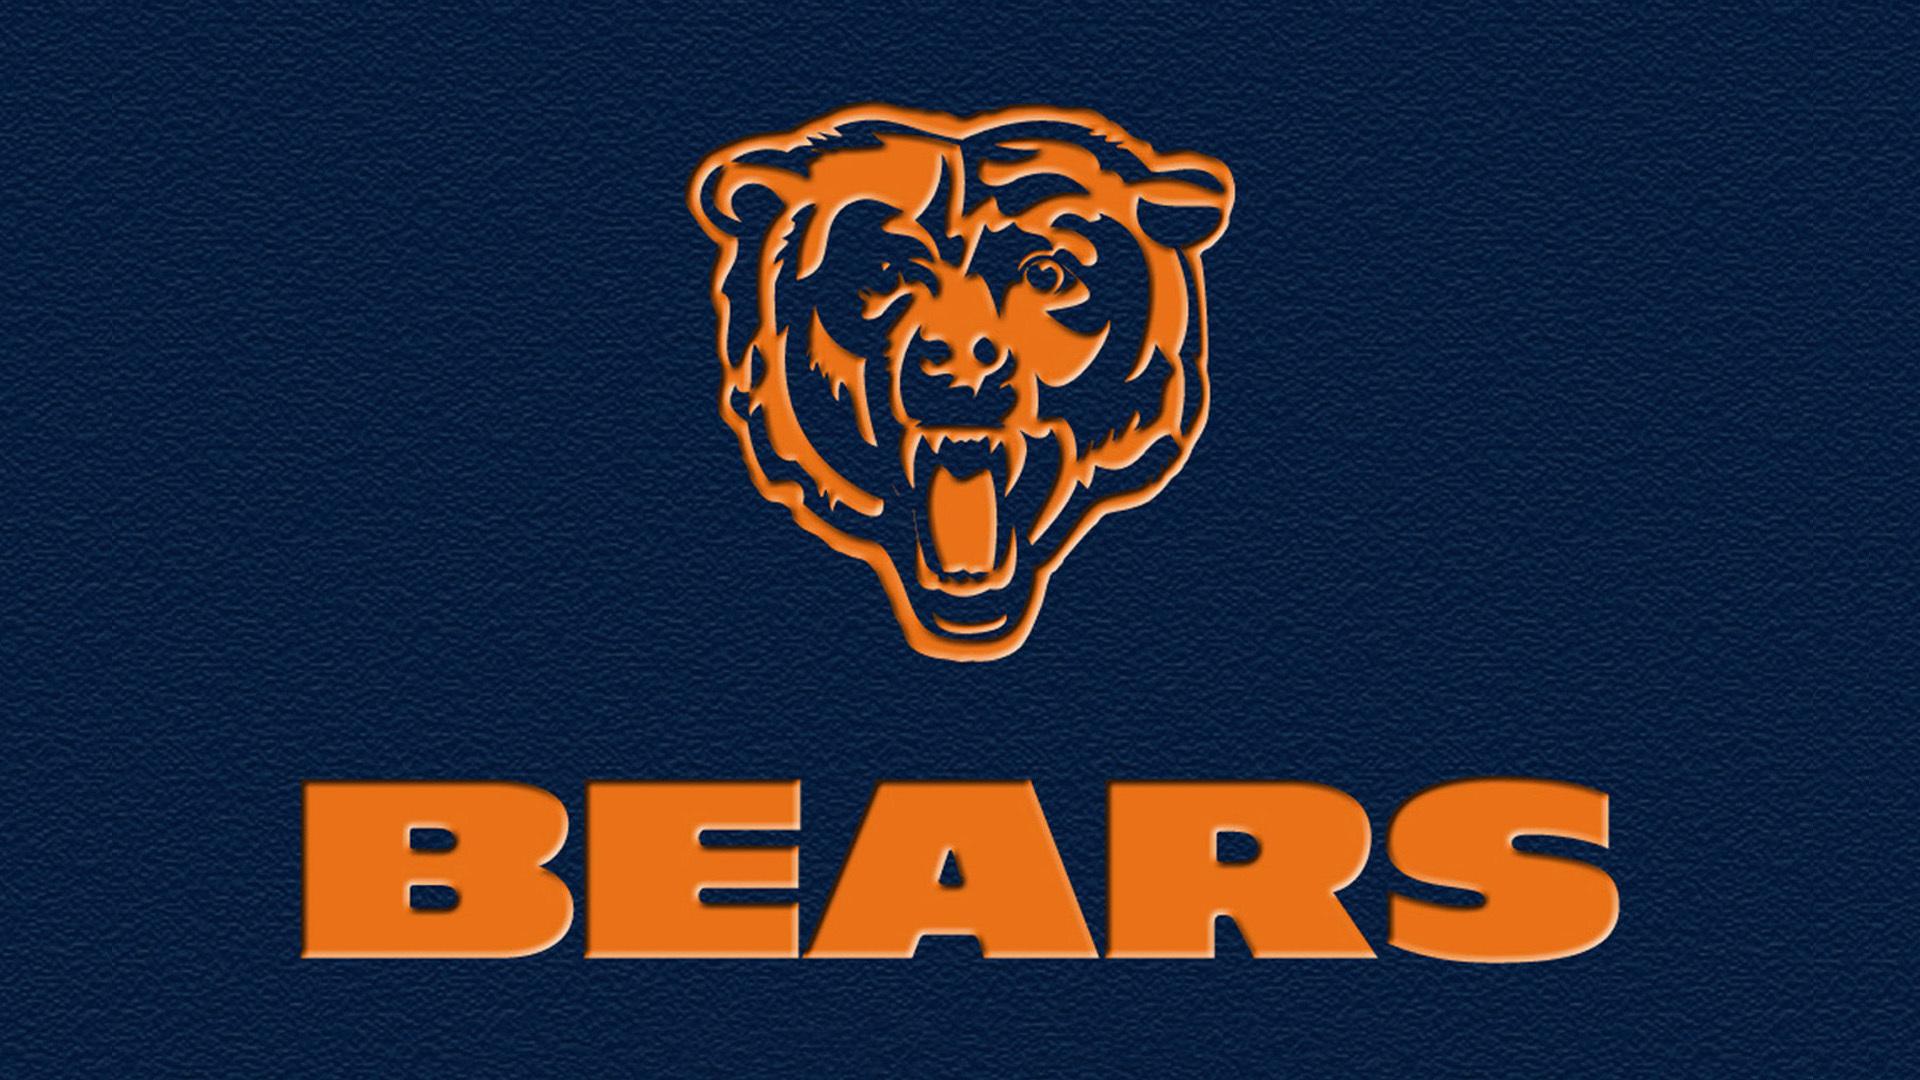 download Chicago Bears Desktop Wallpapers 74 Wallpapers HD 1920x1080